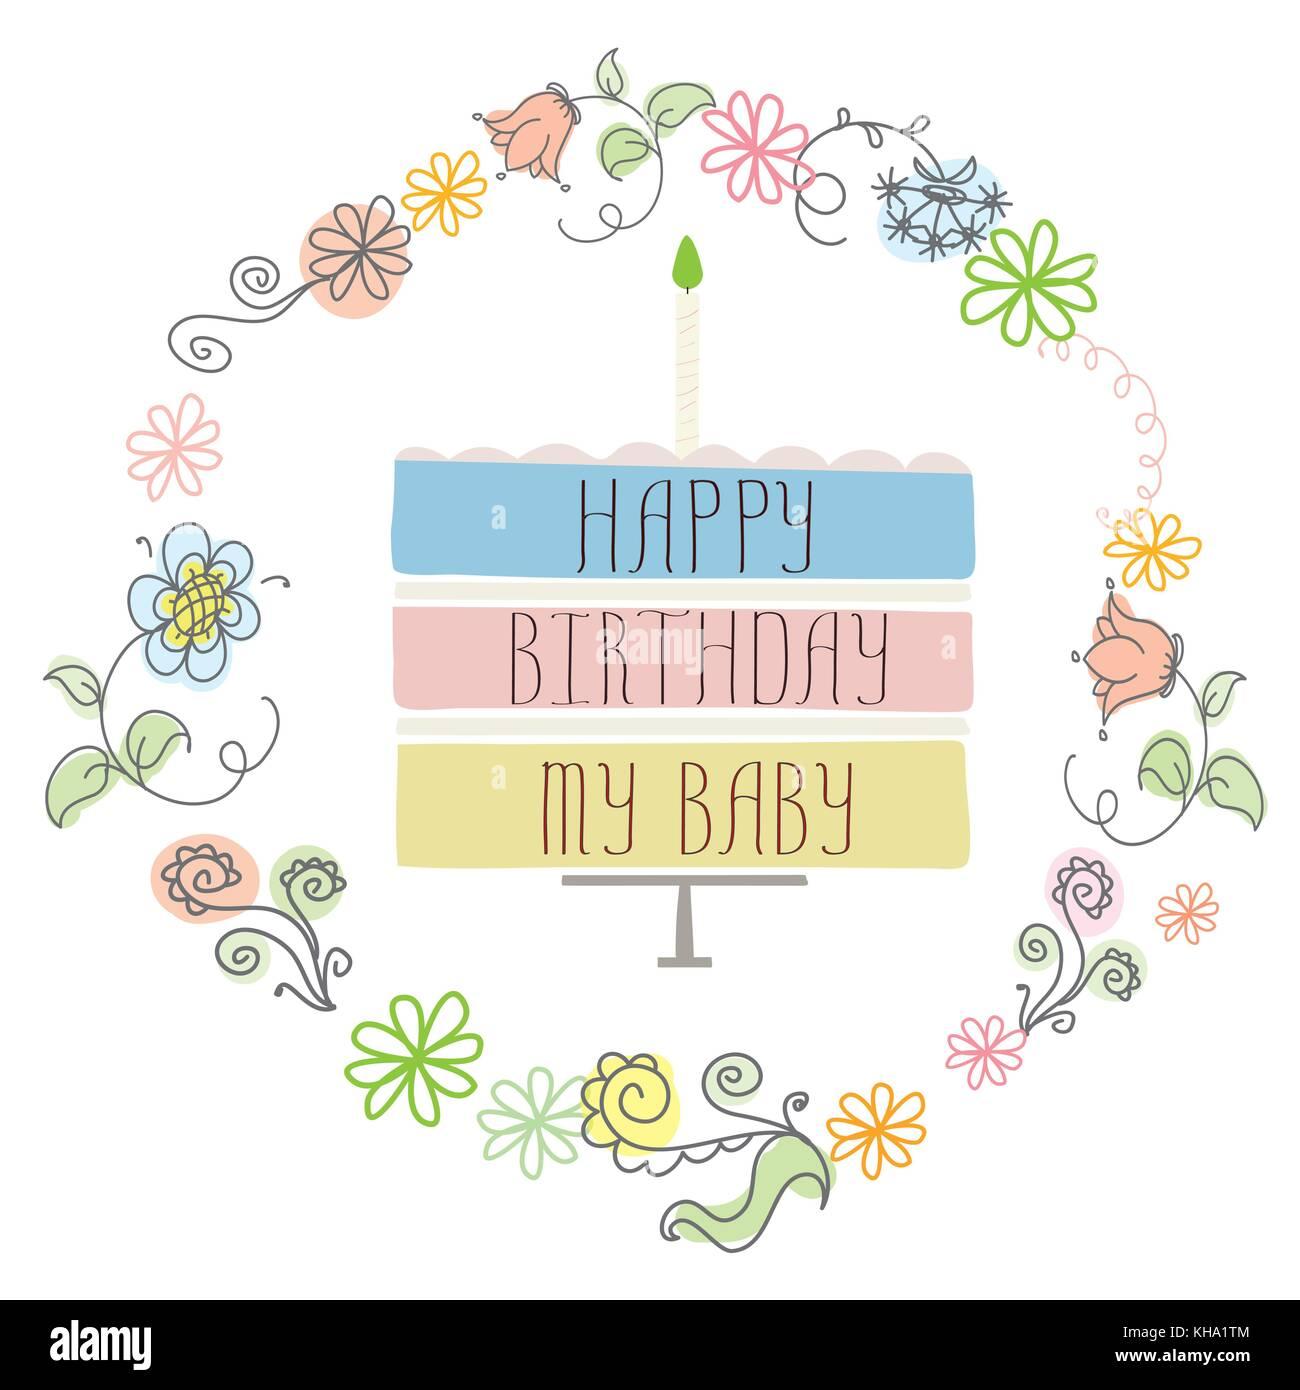 Jolie Carte Joyeux Anniversaire Avec Un Gateau Des Bougies Et Des Fleurs Du Chassis Sur Fond Blanc Vector Illustration Image Vectorielle Stock Alamy